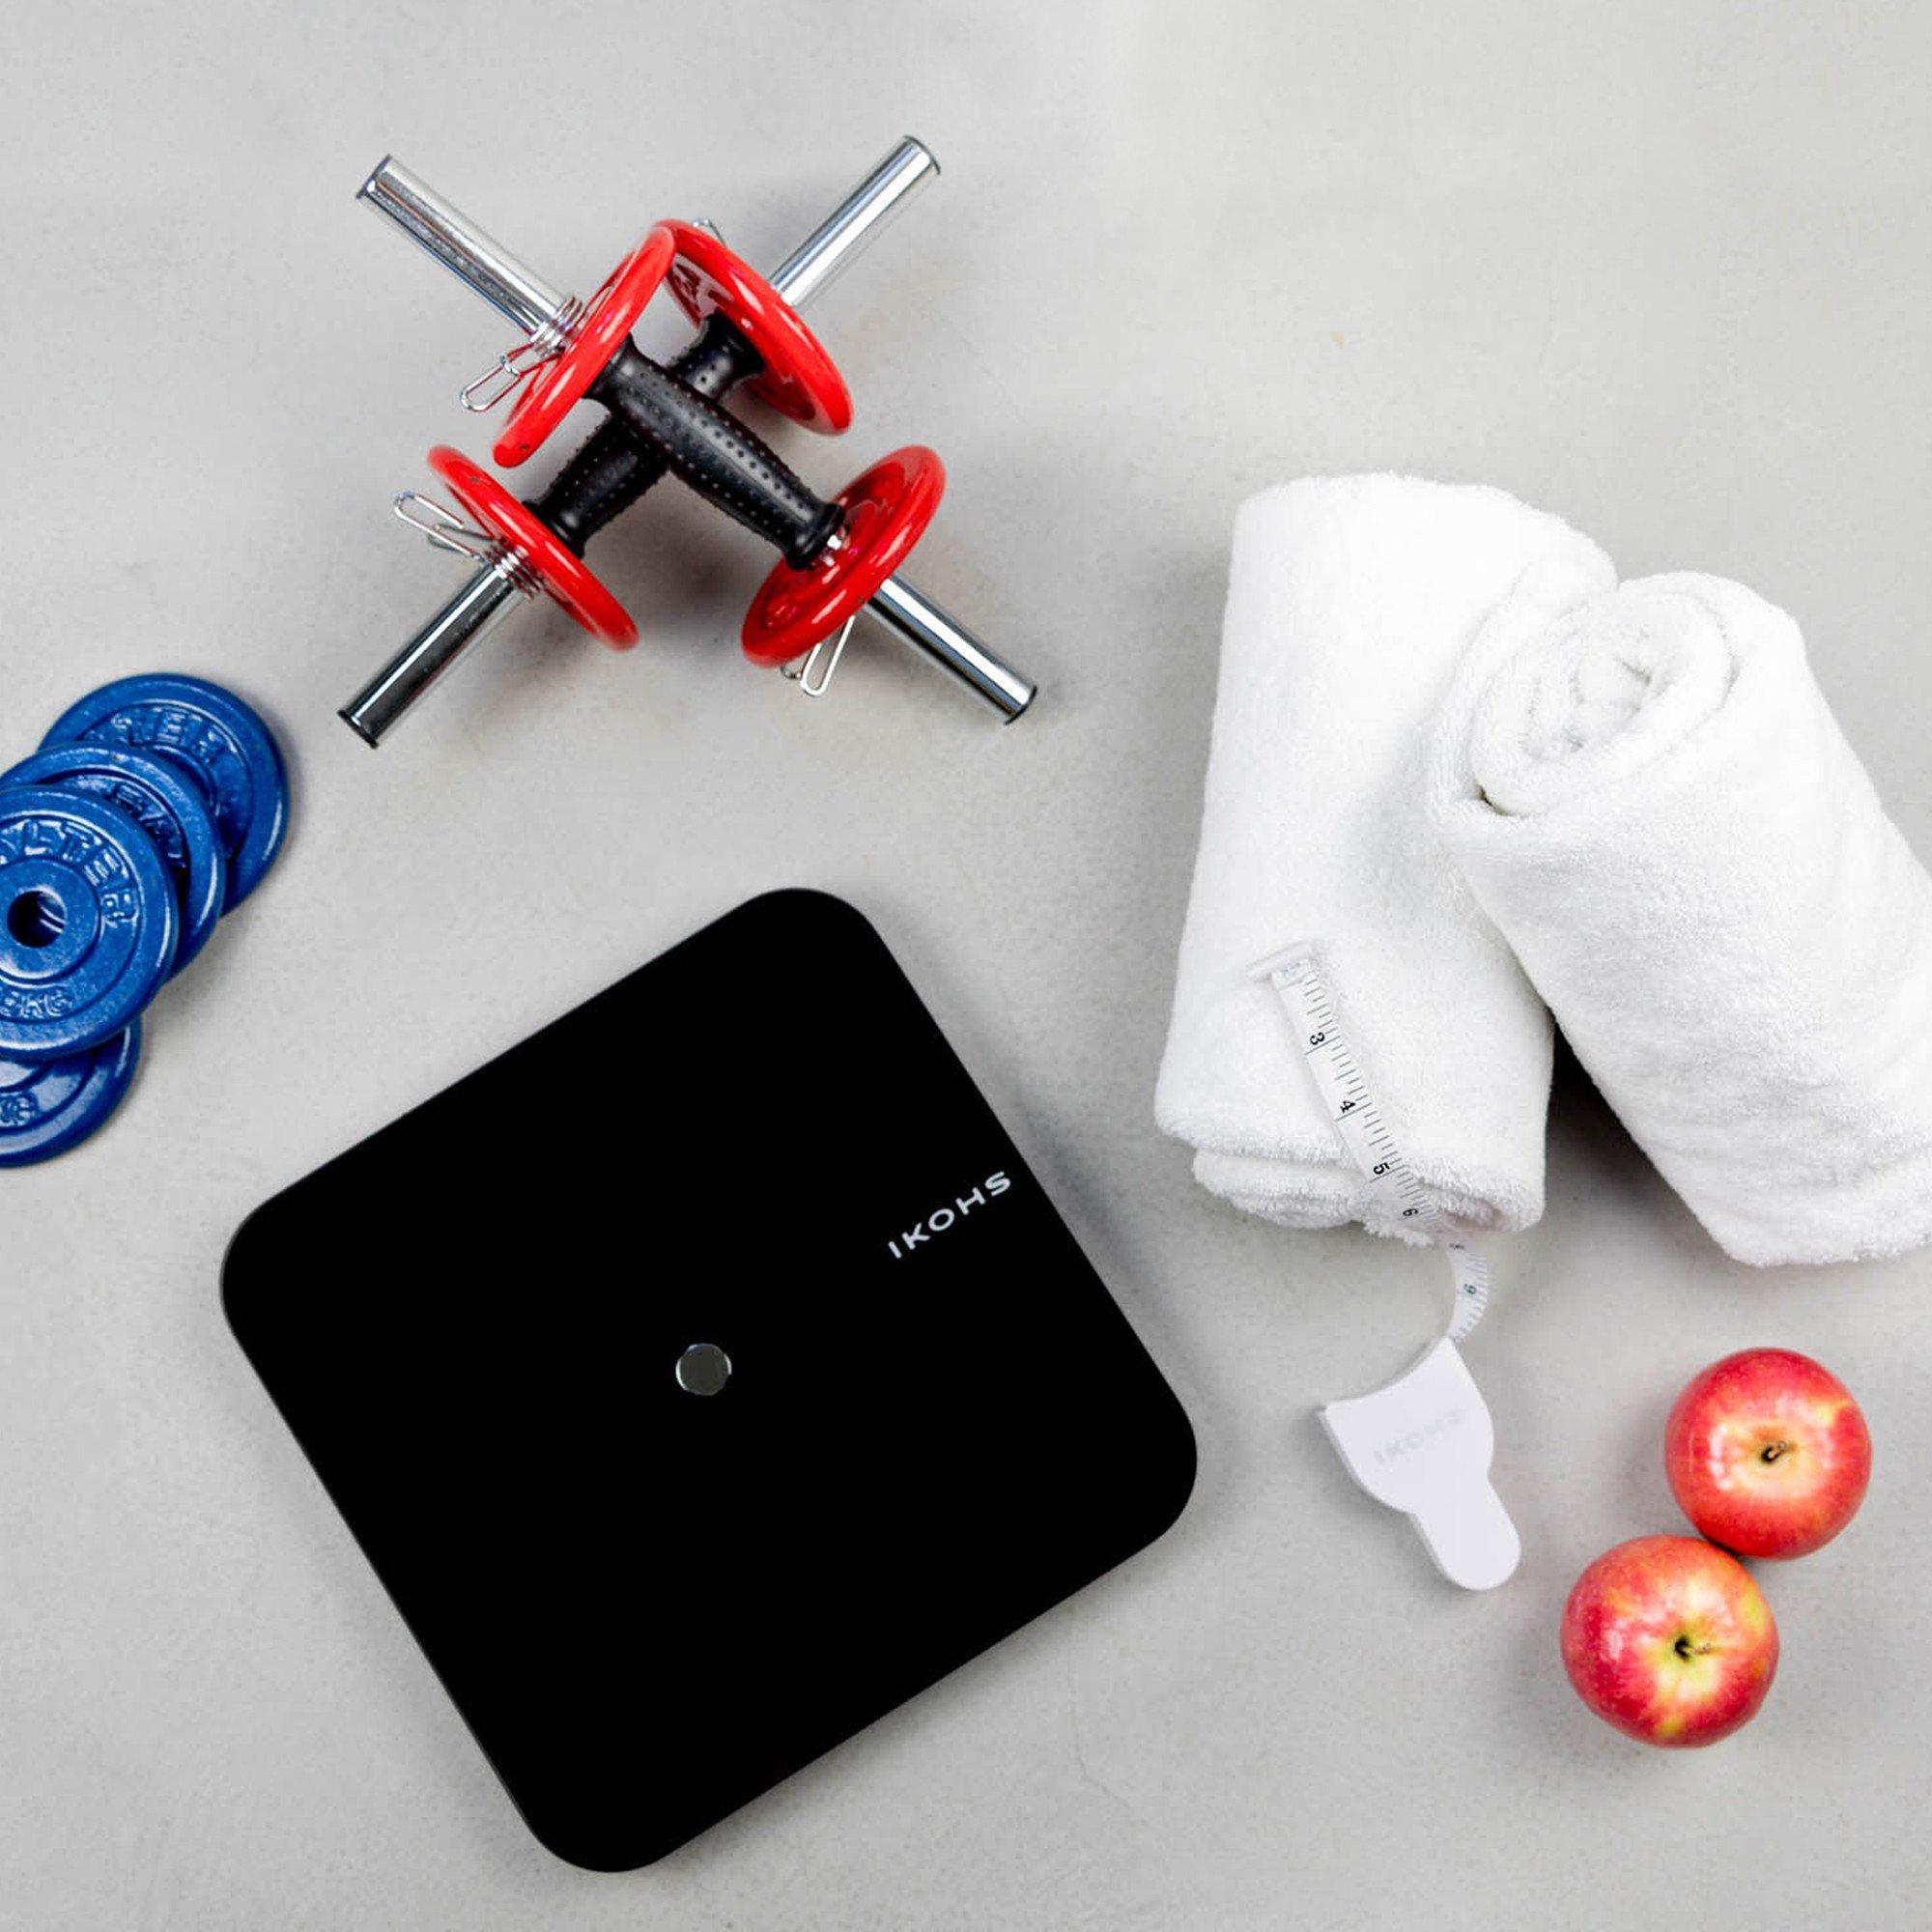 IKOHS SMART WELLNESS ванная комната весы светодиодный дисплей Bluetooth приложение подключение Совместимо с Android и IOS легкий дизайн - 4